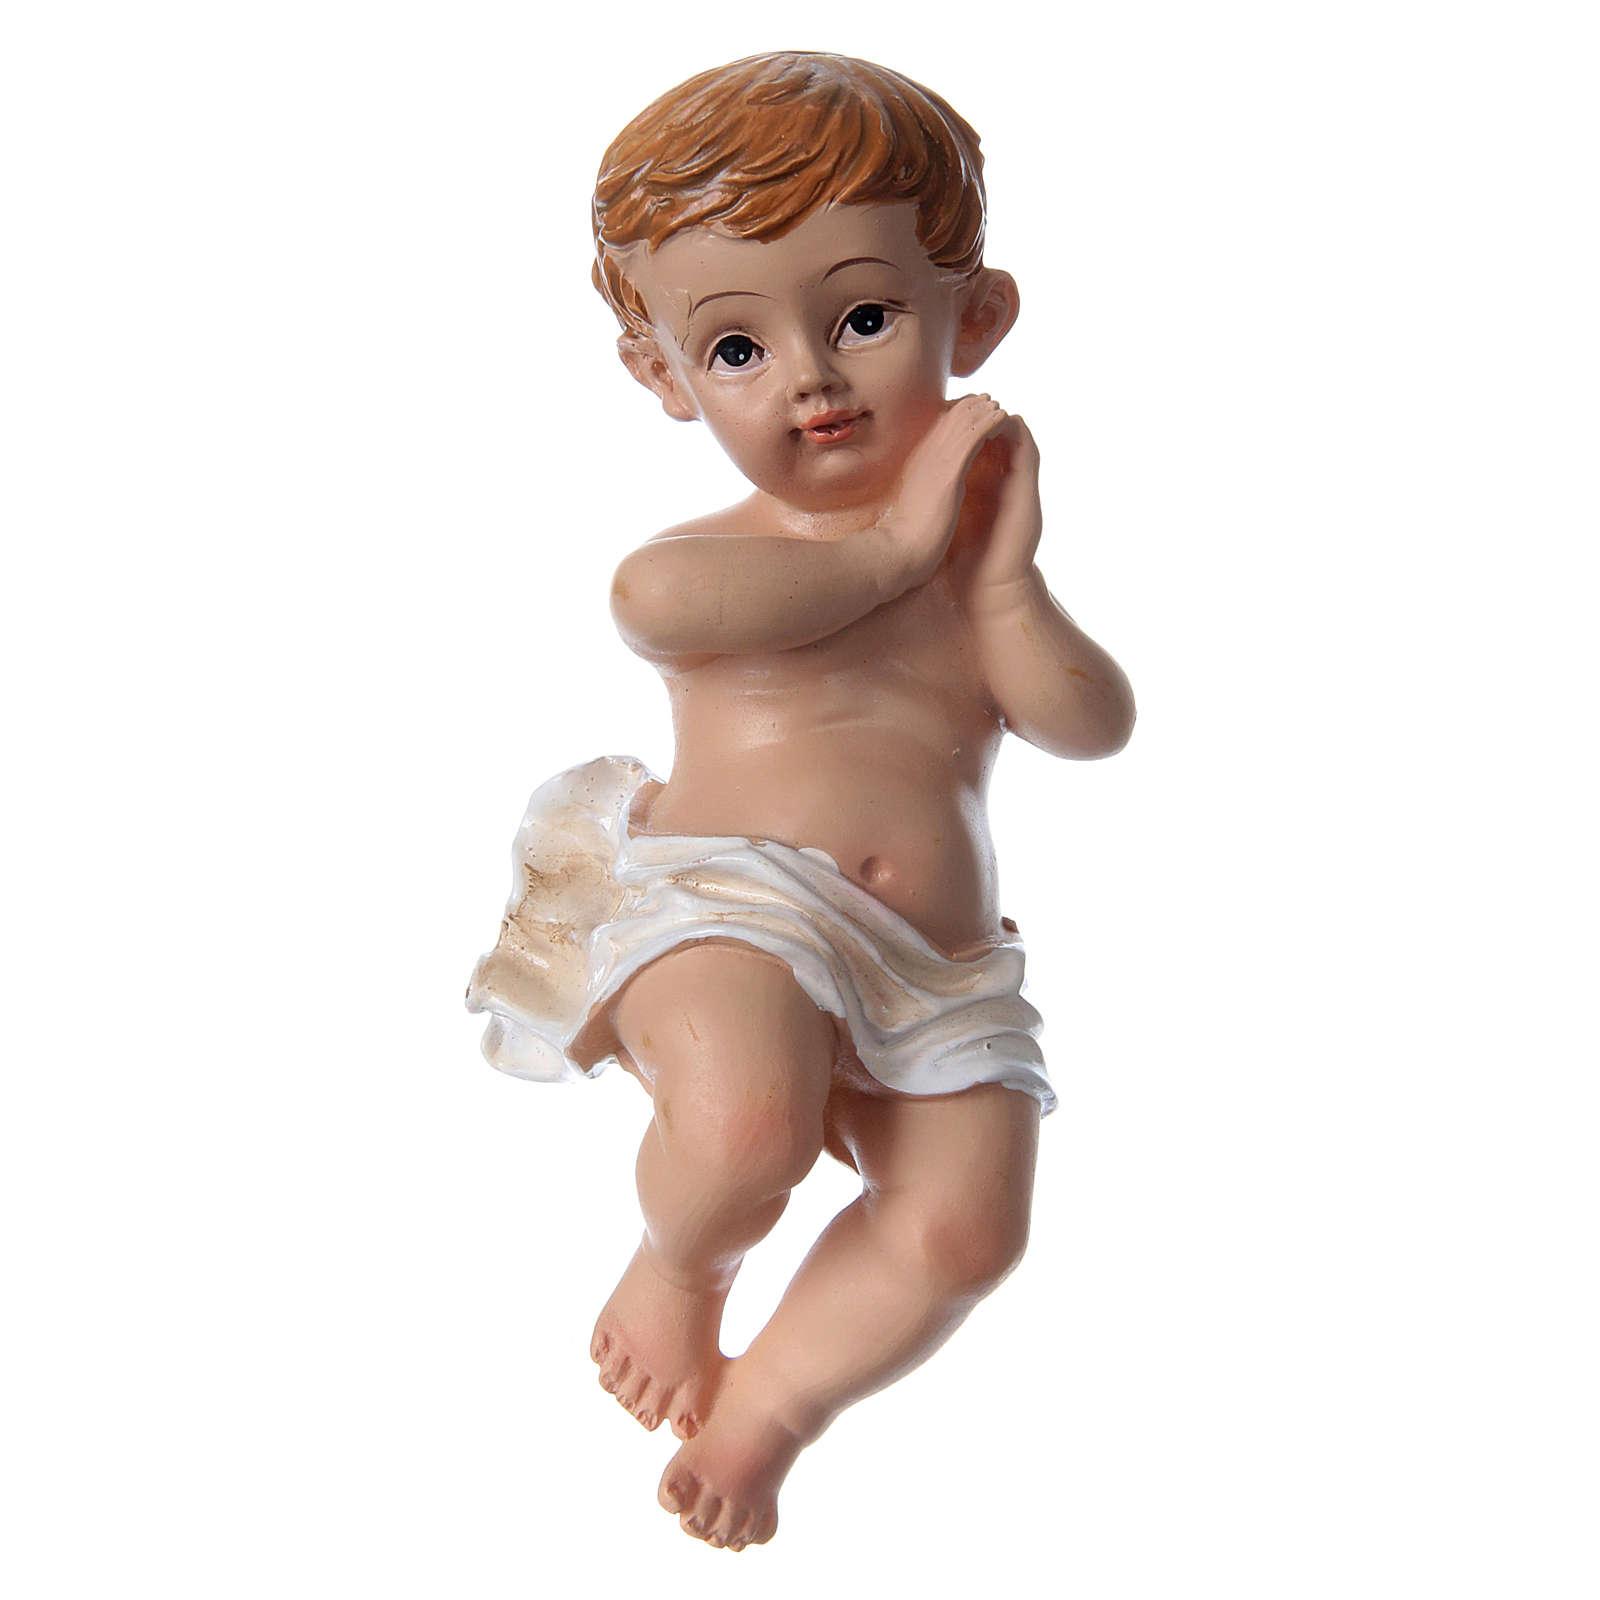 Santon Enfant Jésus h réelle 10 cm résine 3